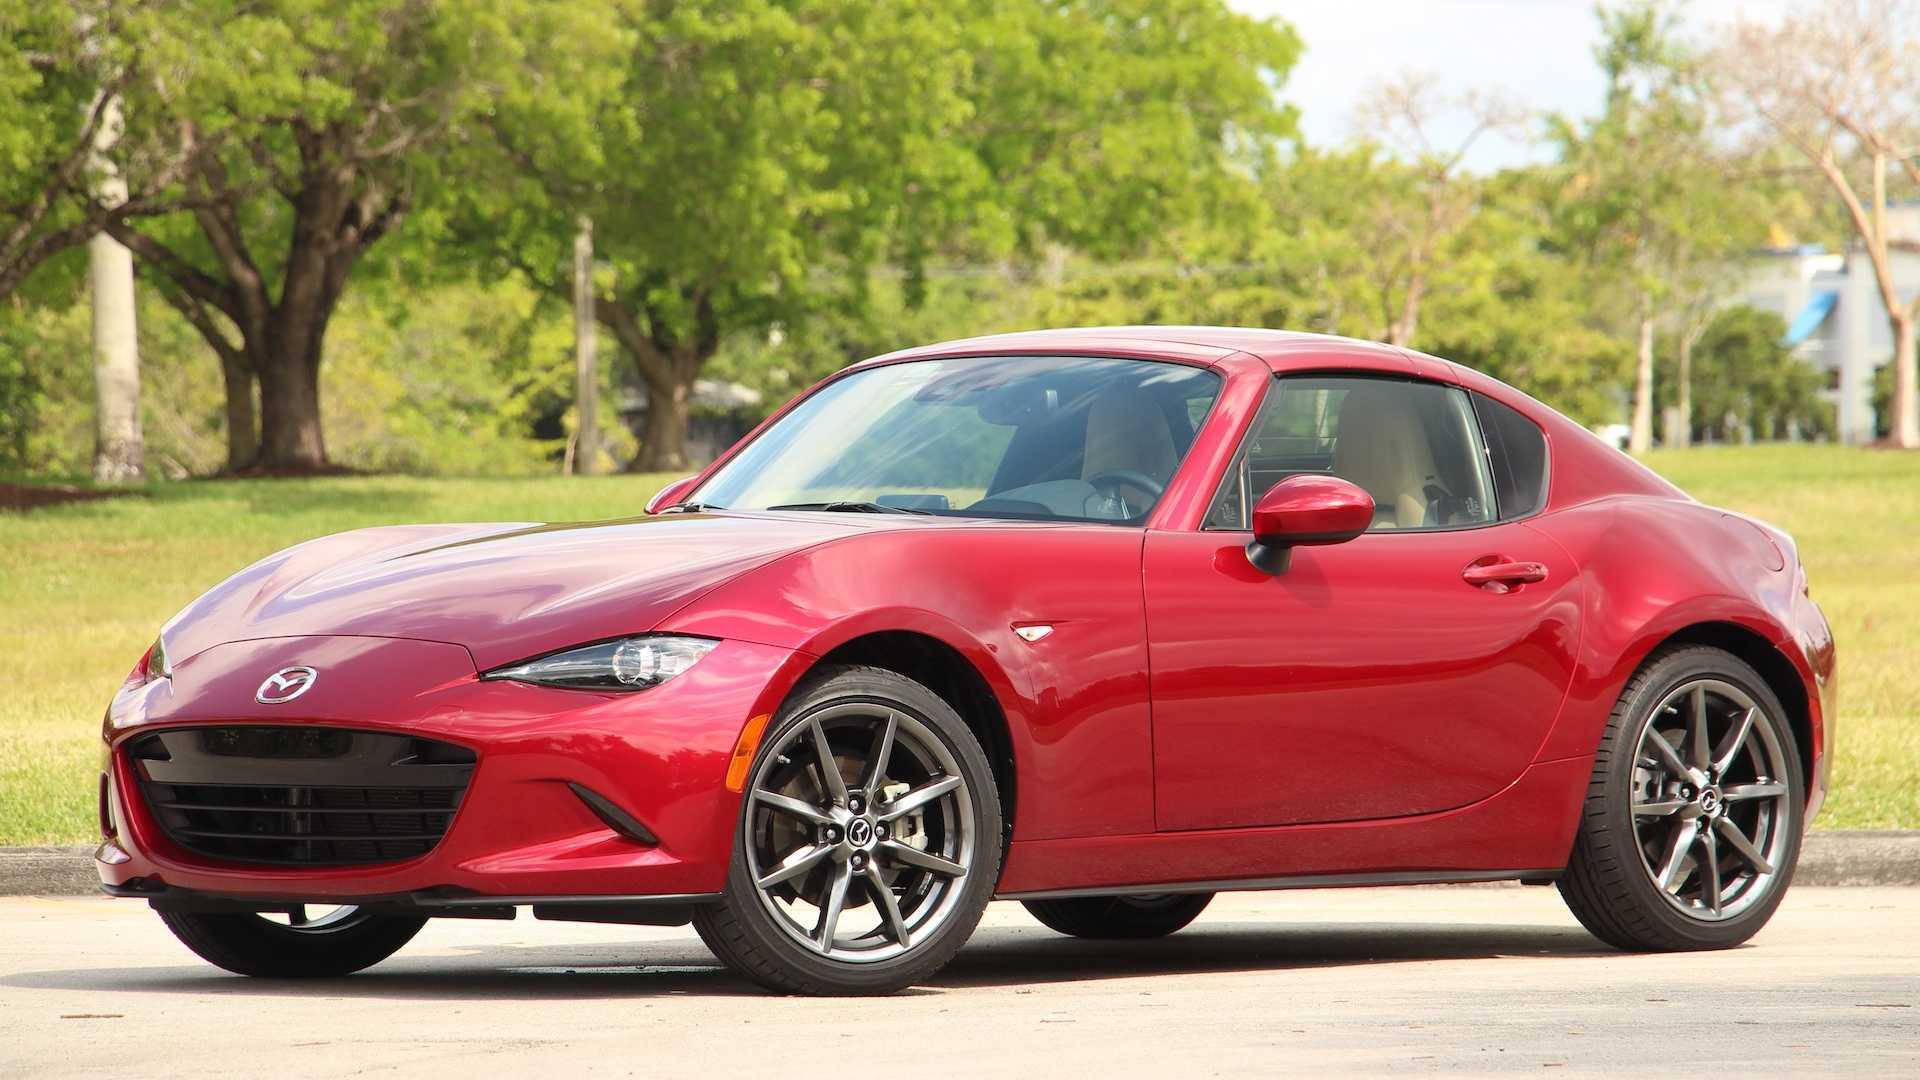 2020 Mazda Miata Release Date and Concept